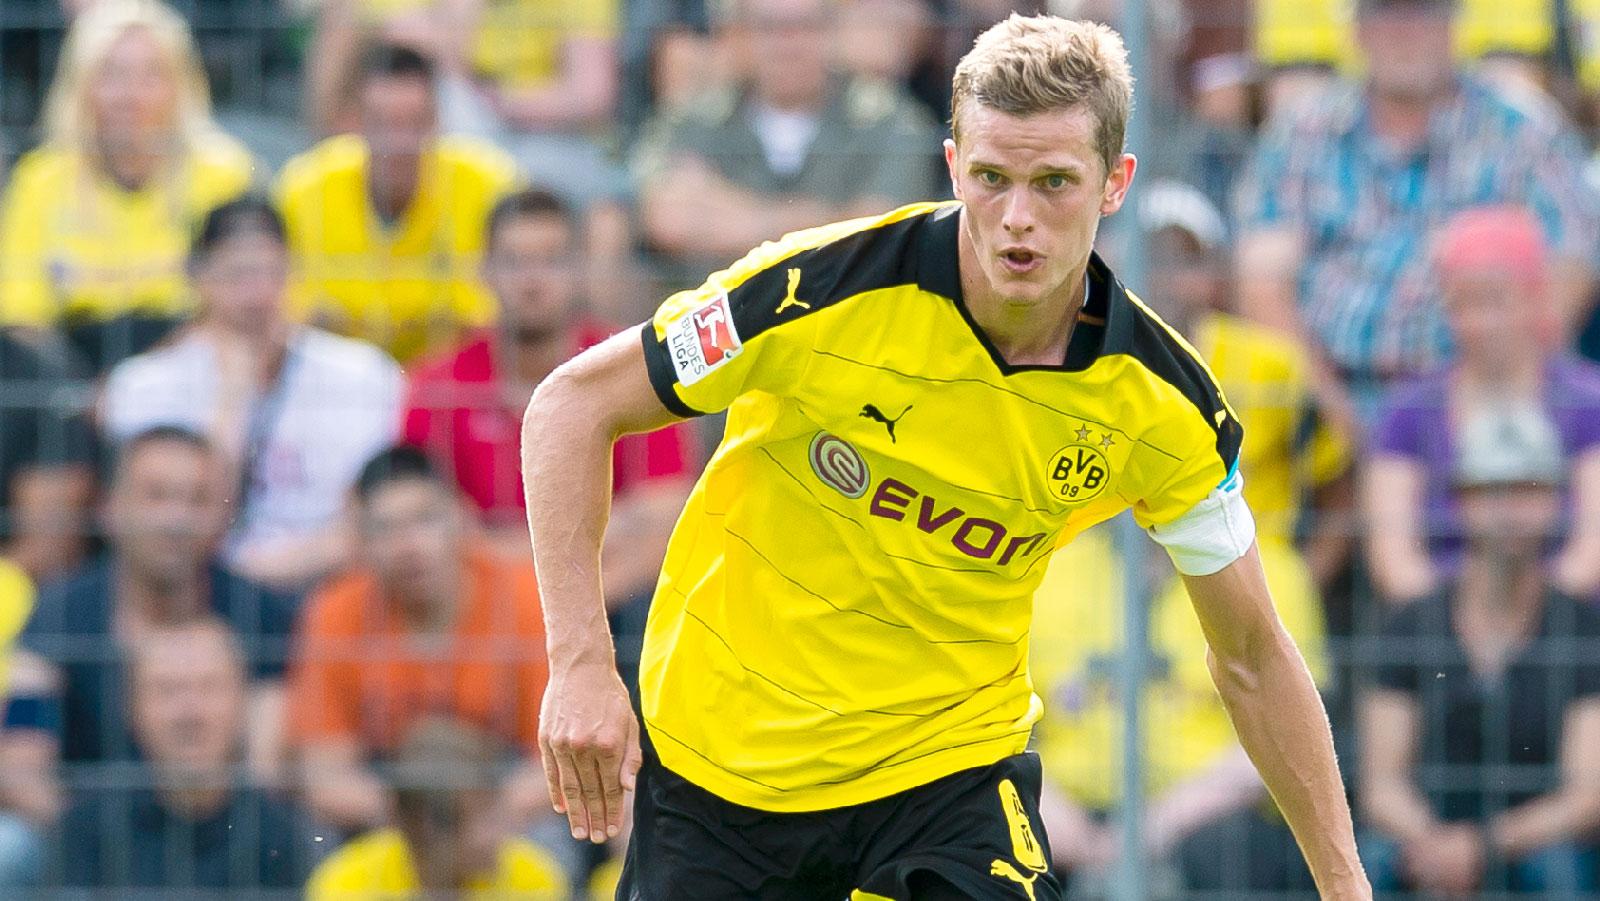 Dortmund midfielder Bender extends his contract until 2021